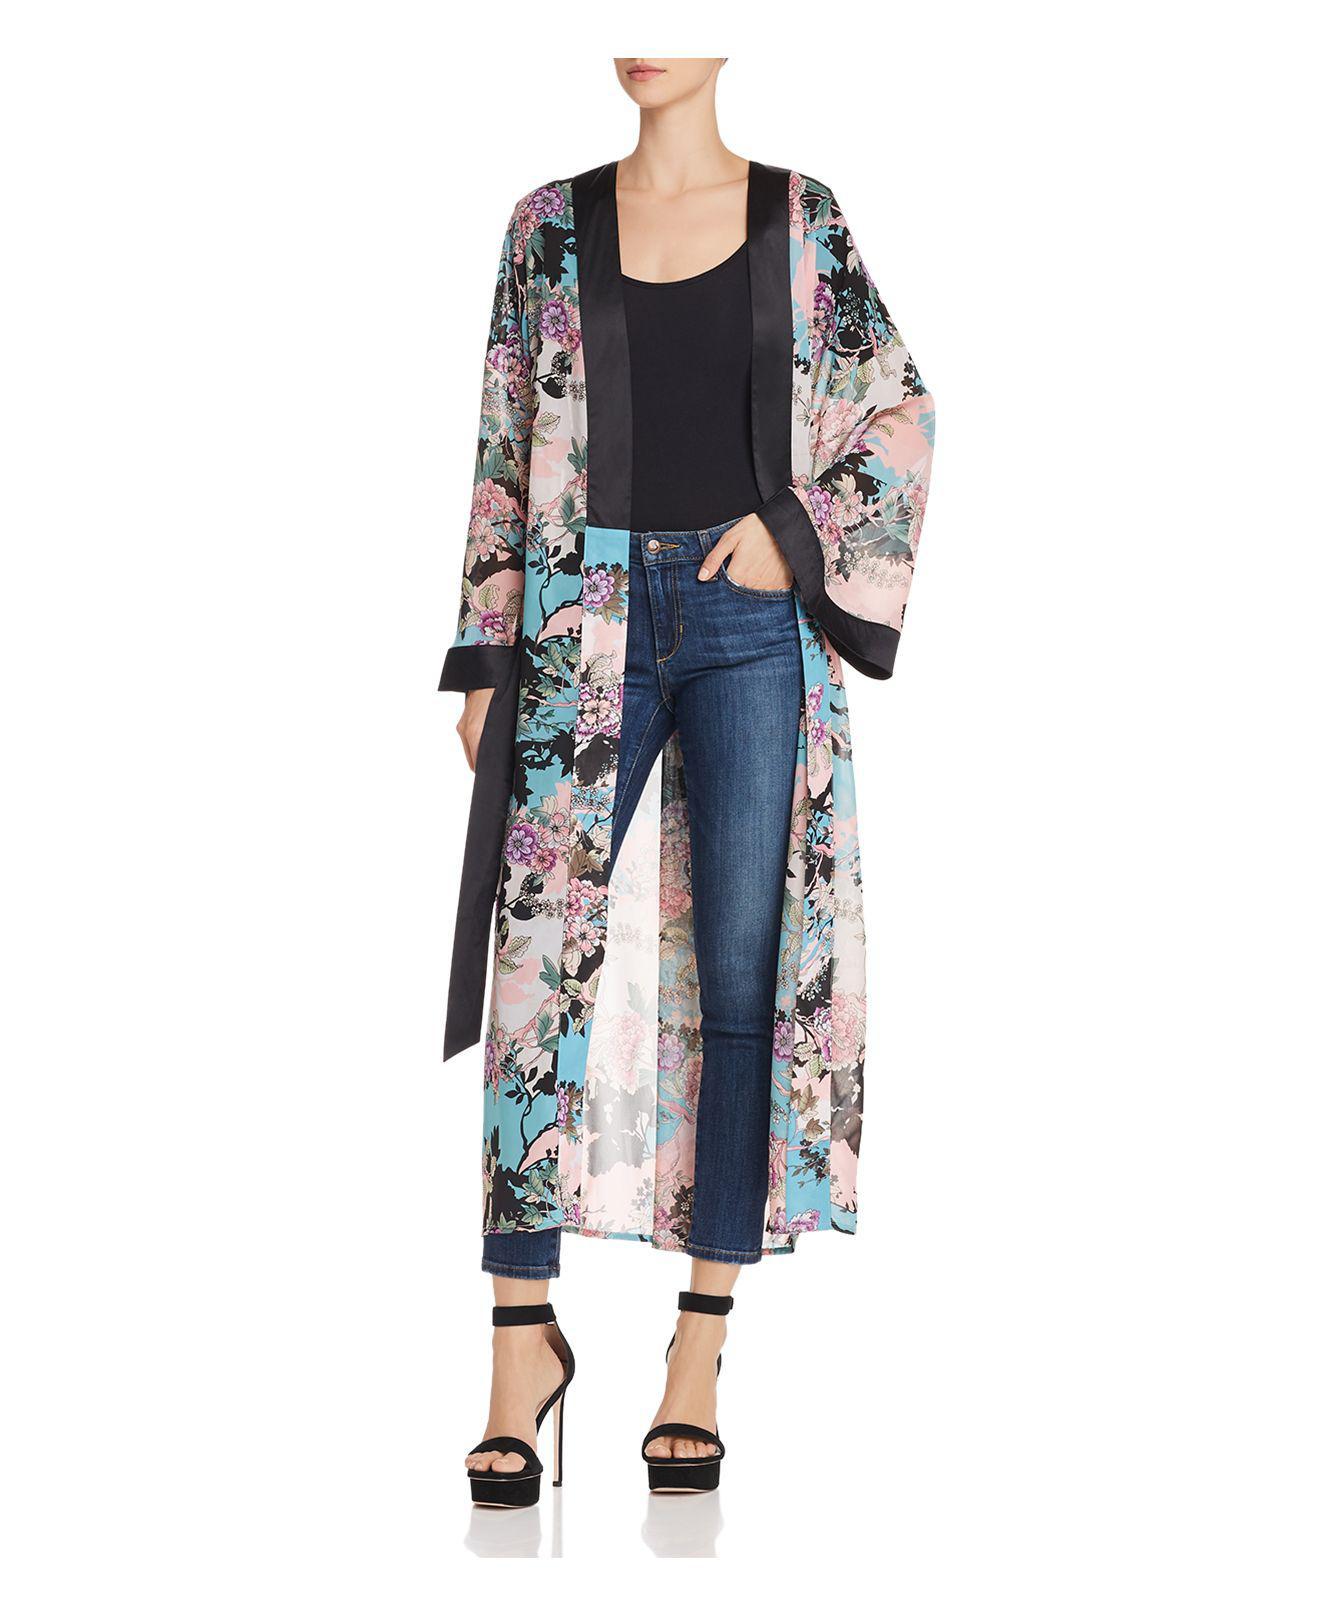 Guess. Women's Blue Maribel Floral Print Kimono